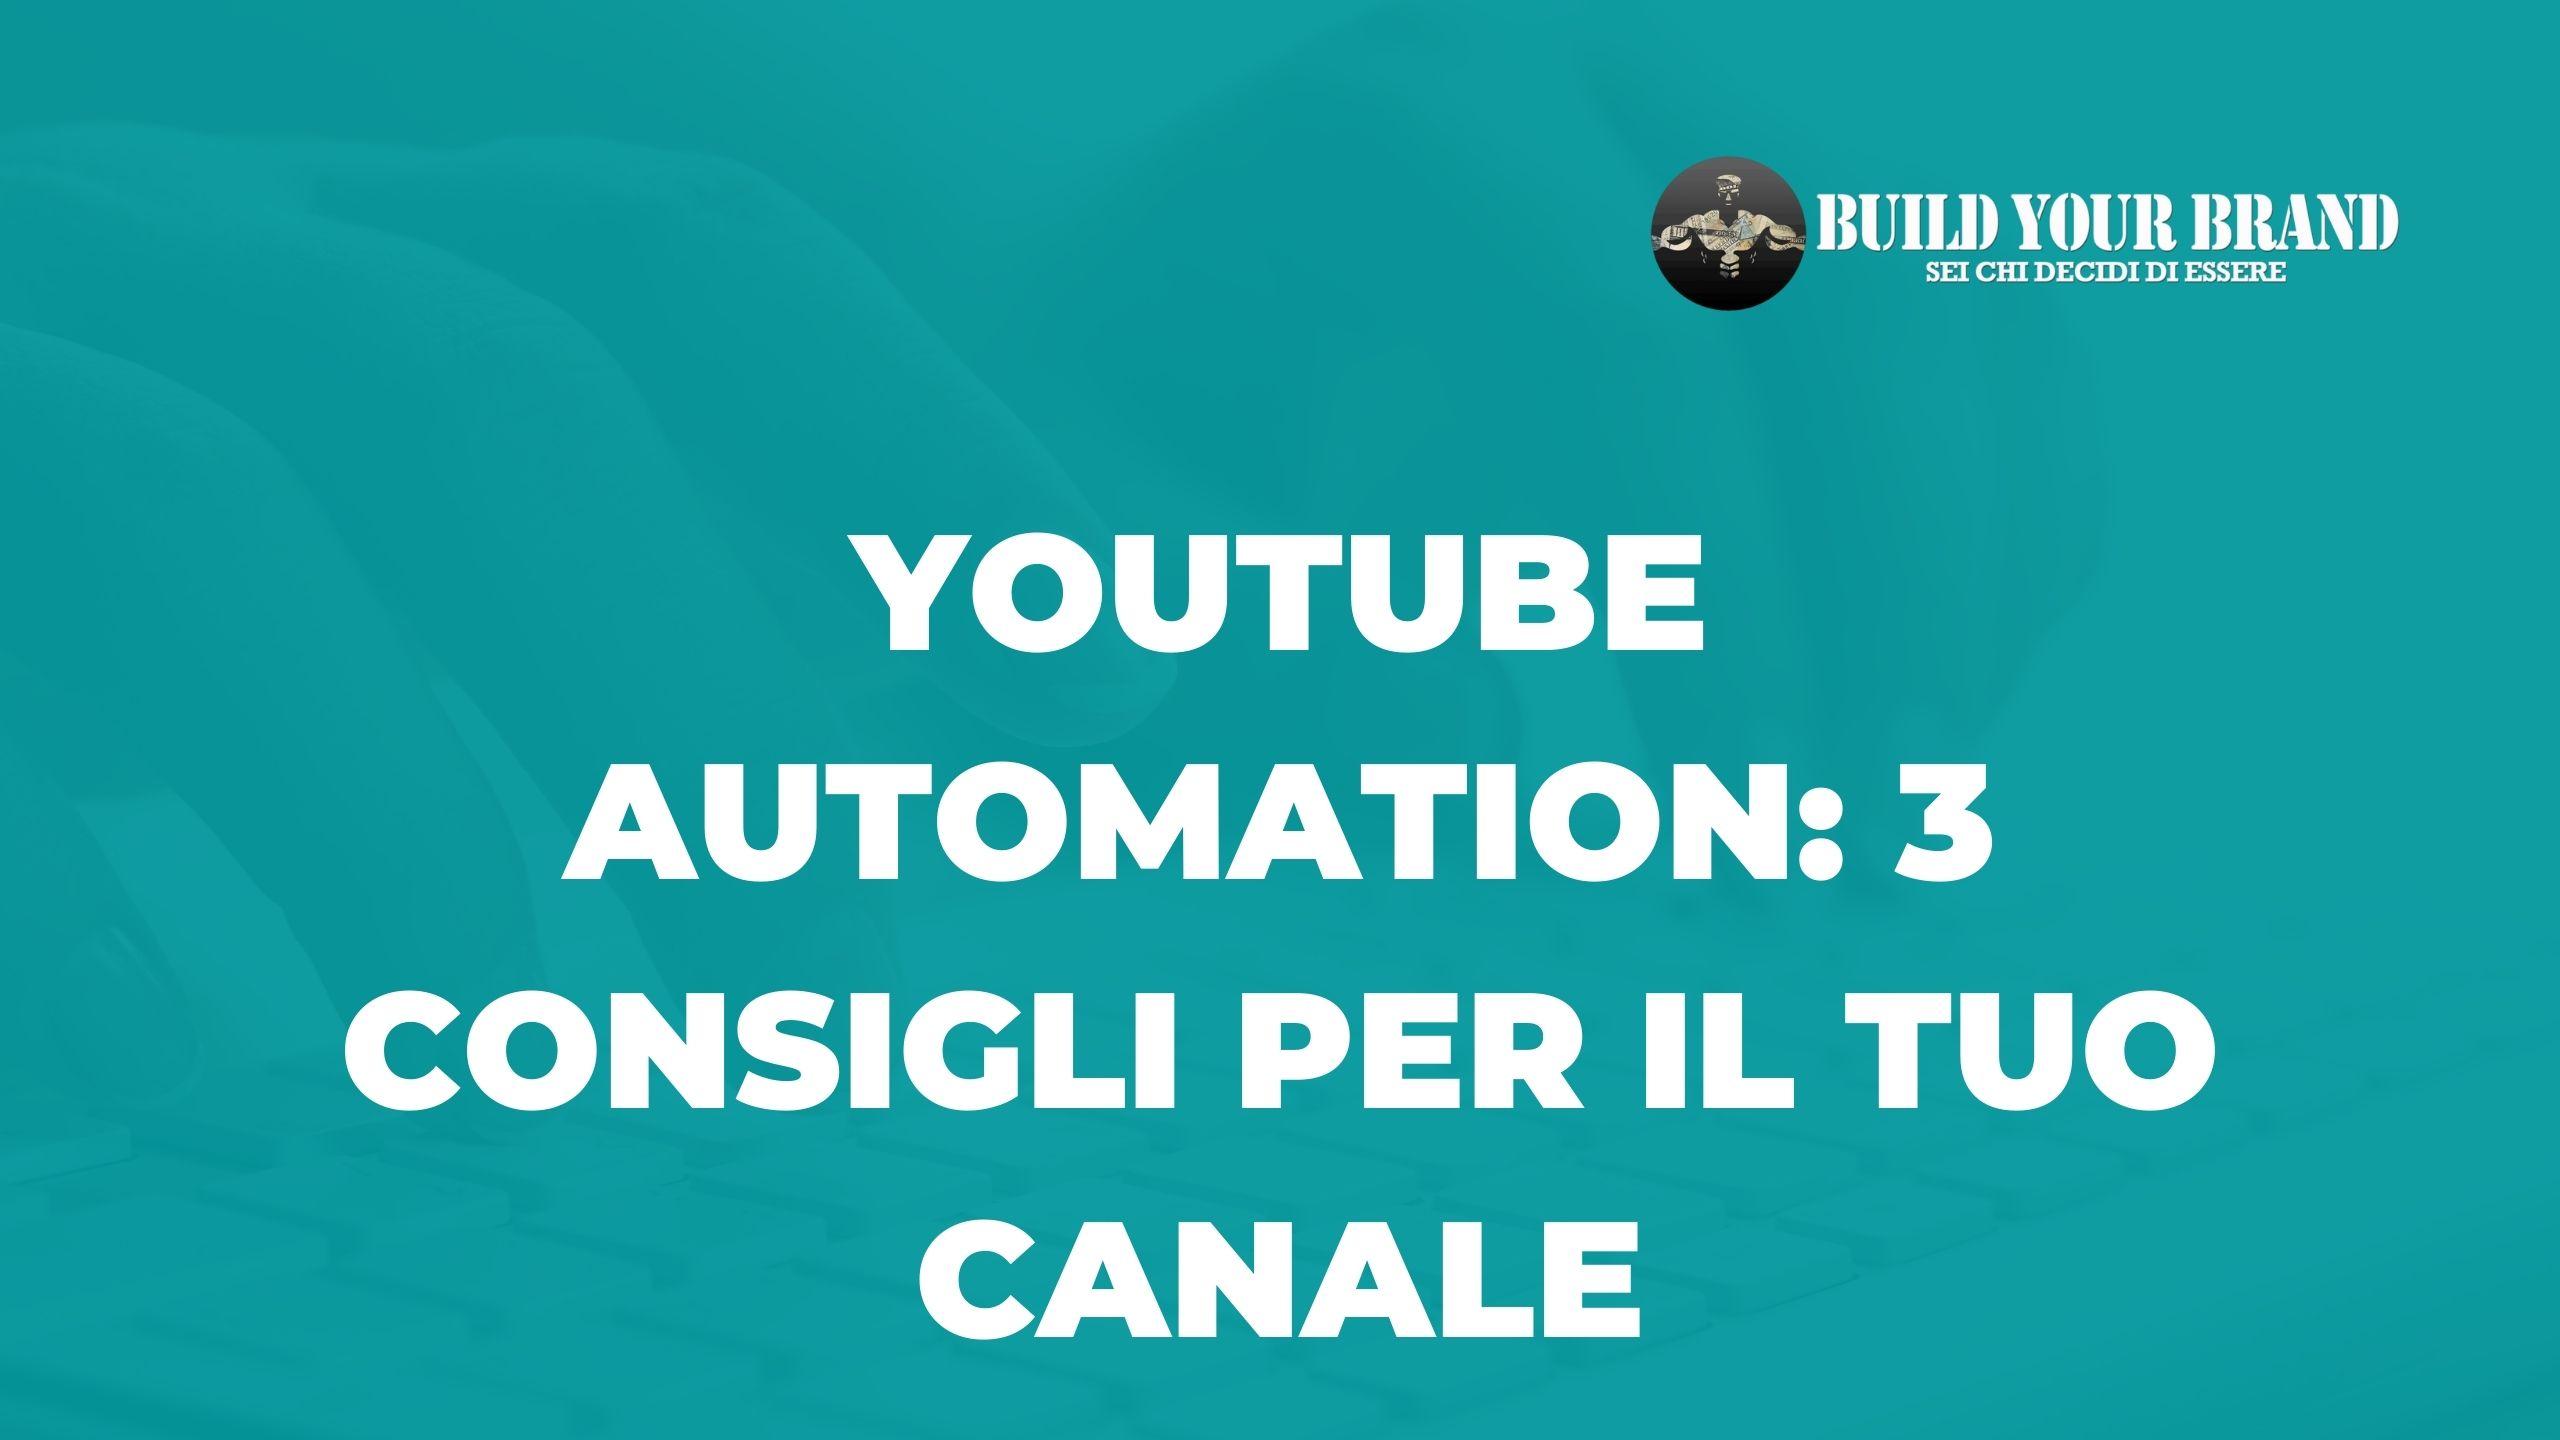 Youtube-automation-i-3-consigli-per-il-tuo-canale